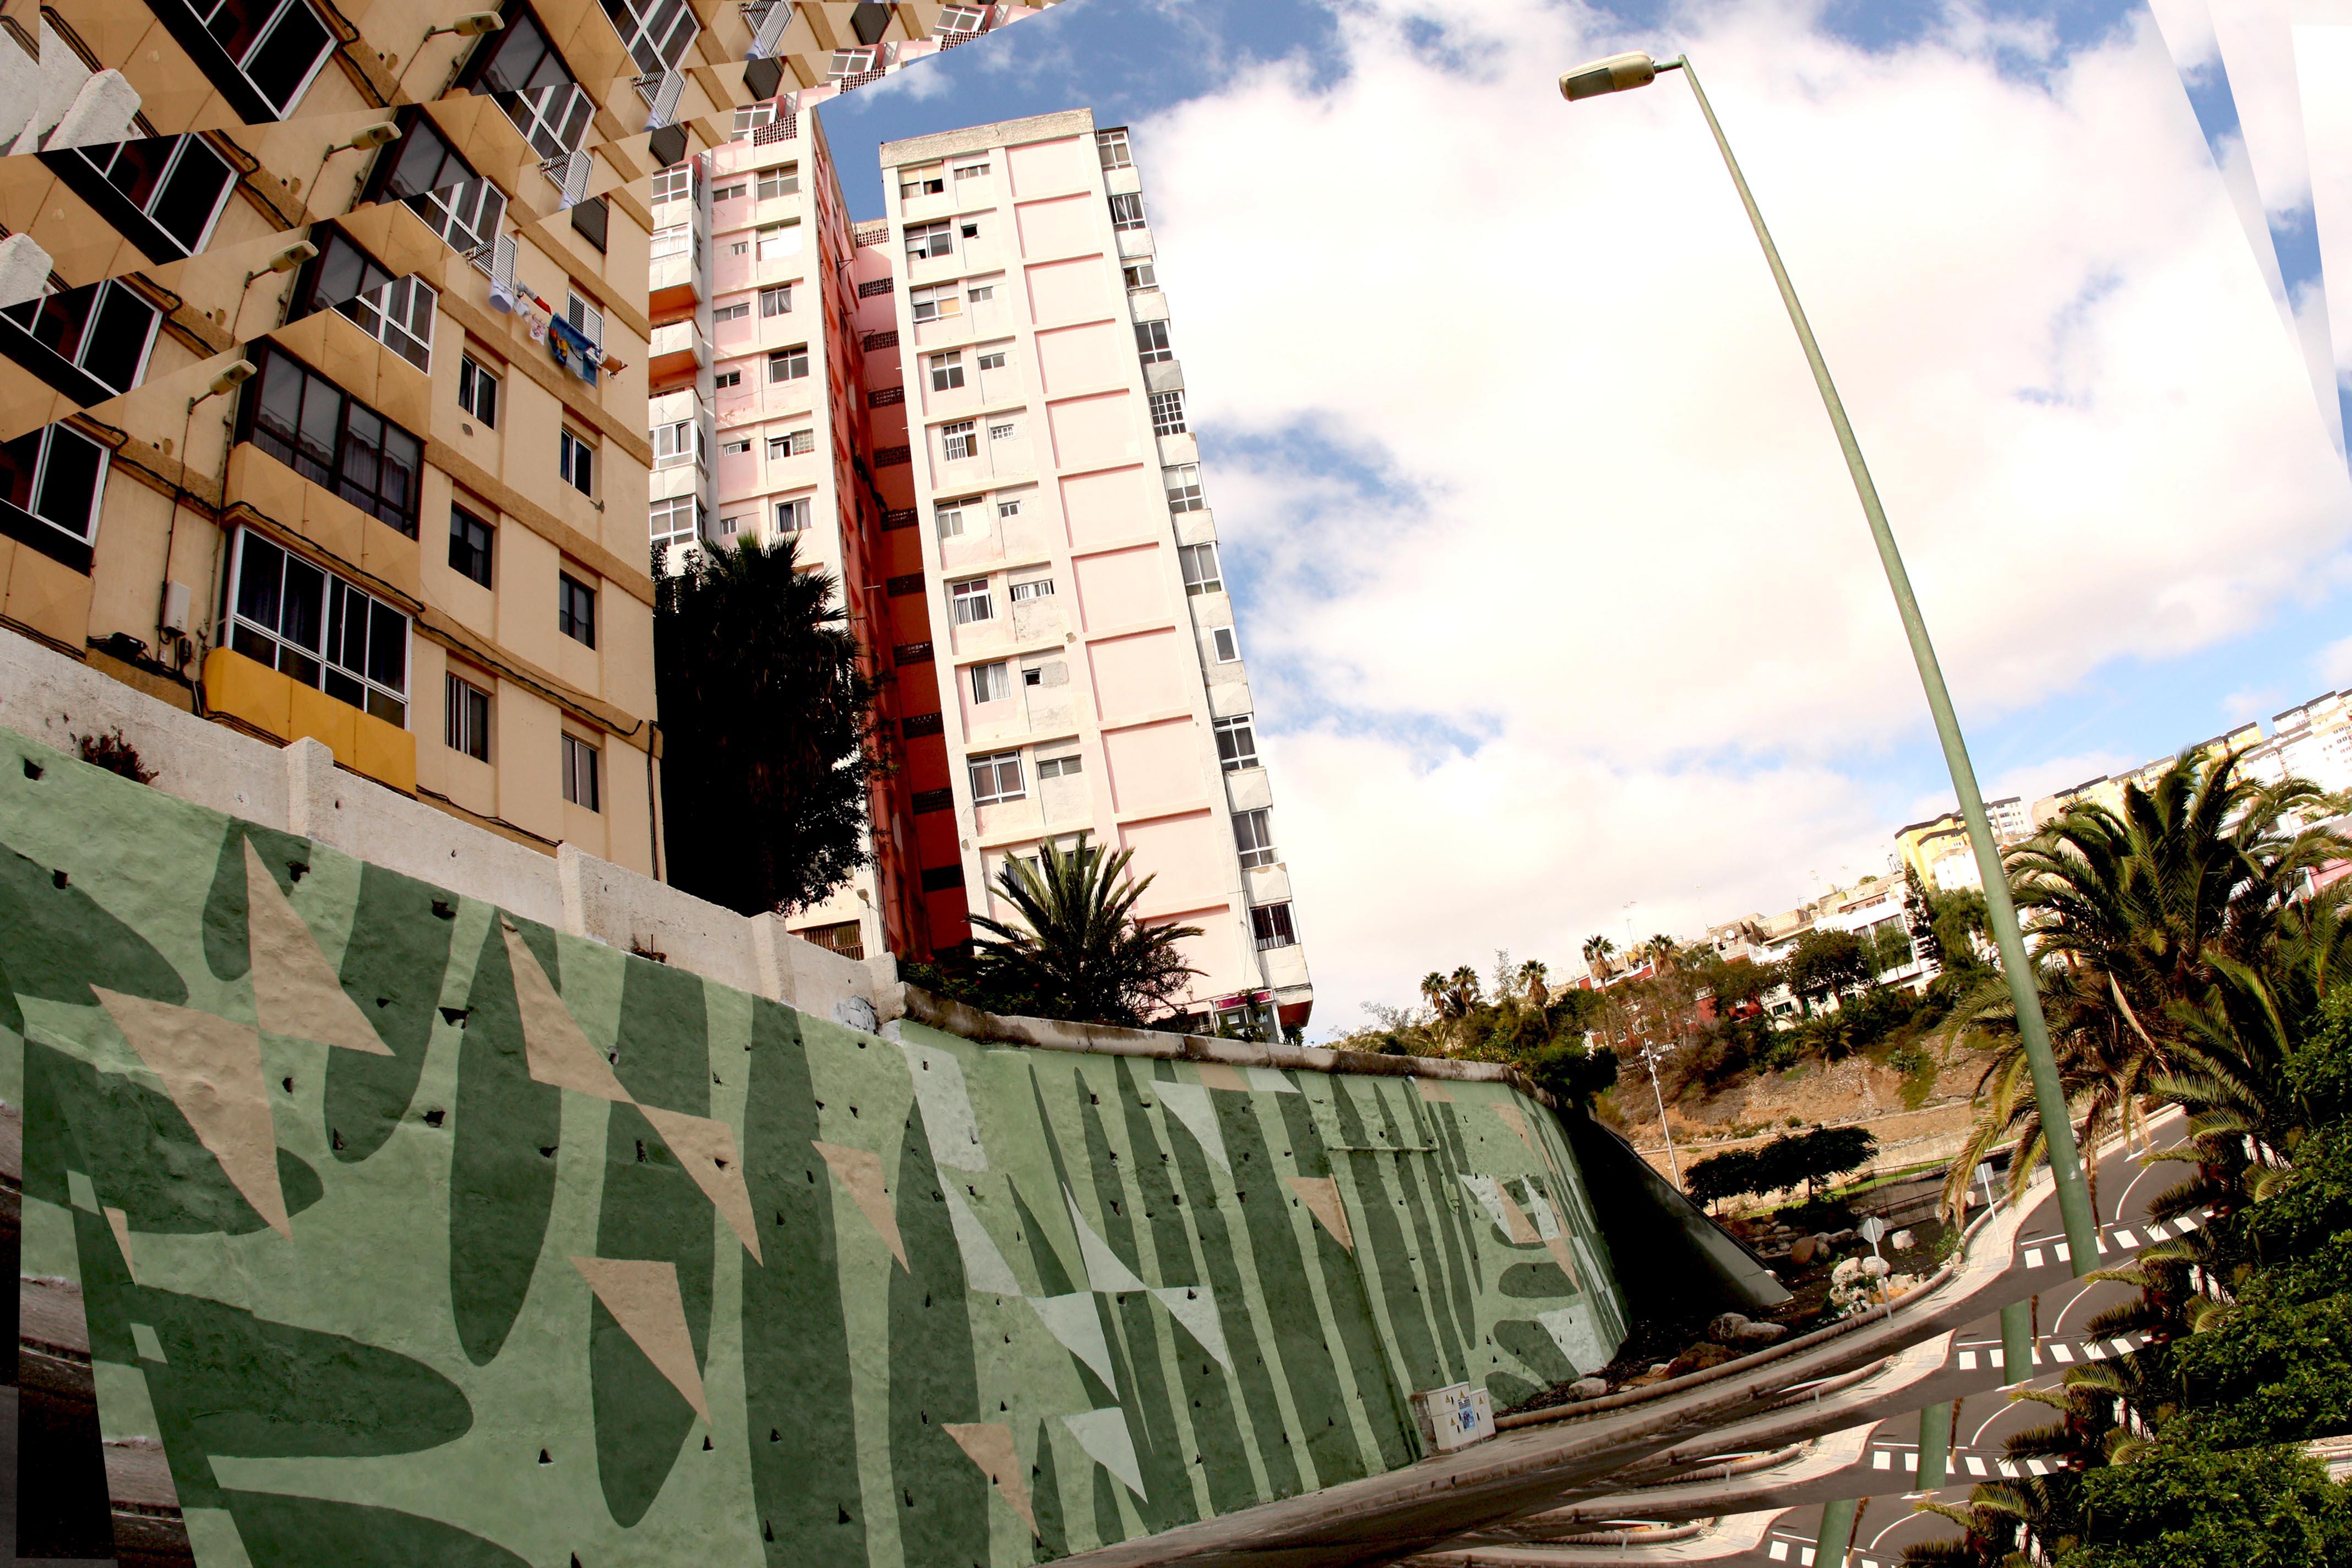 Bombardearte Muro Contencion